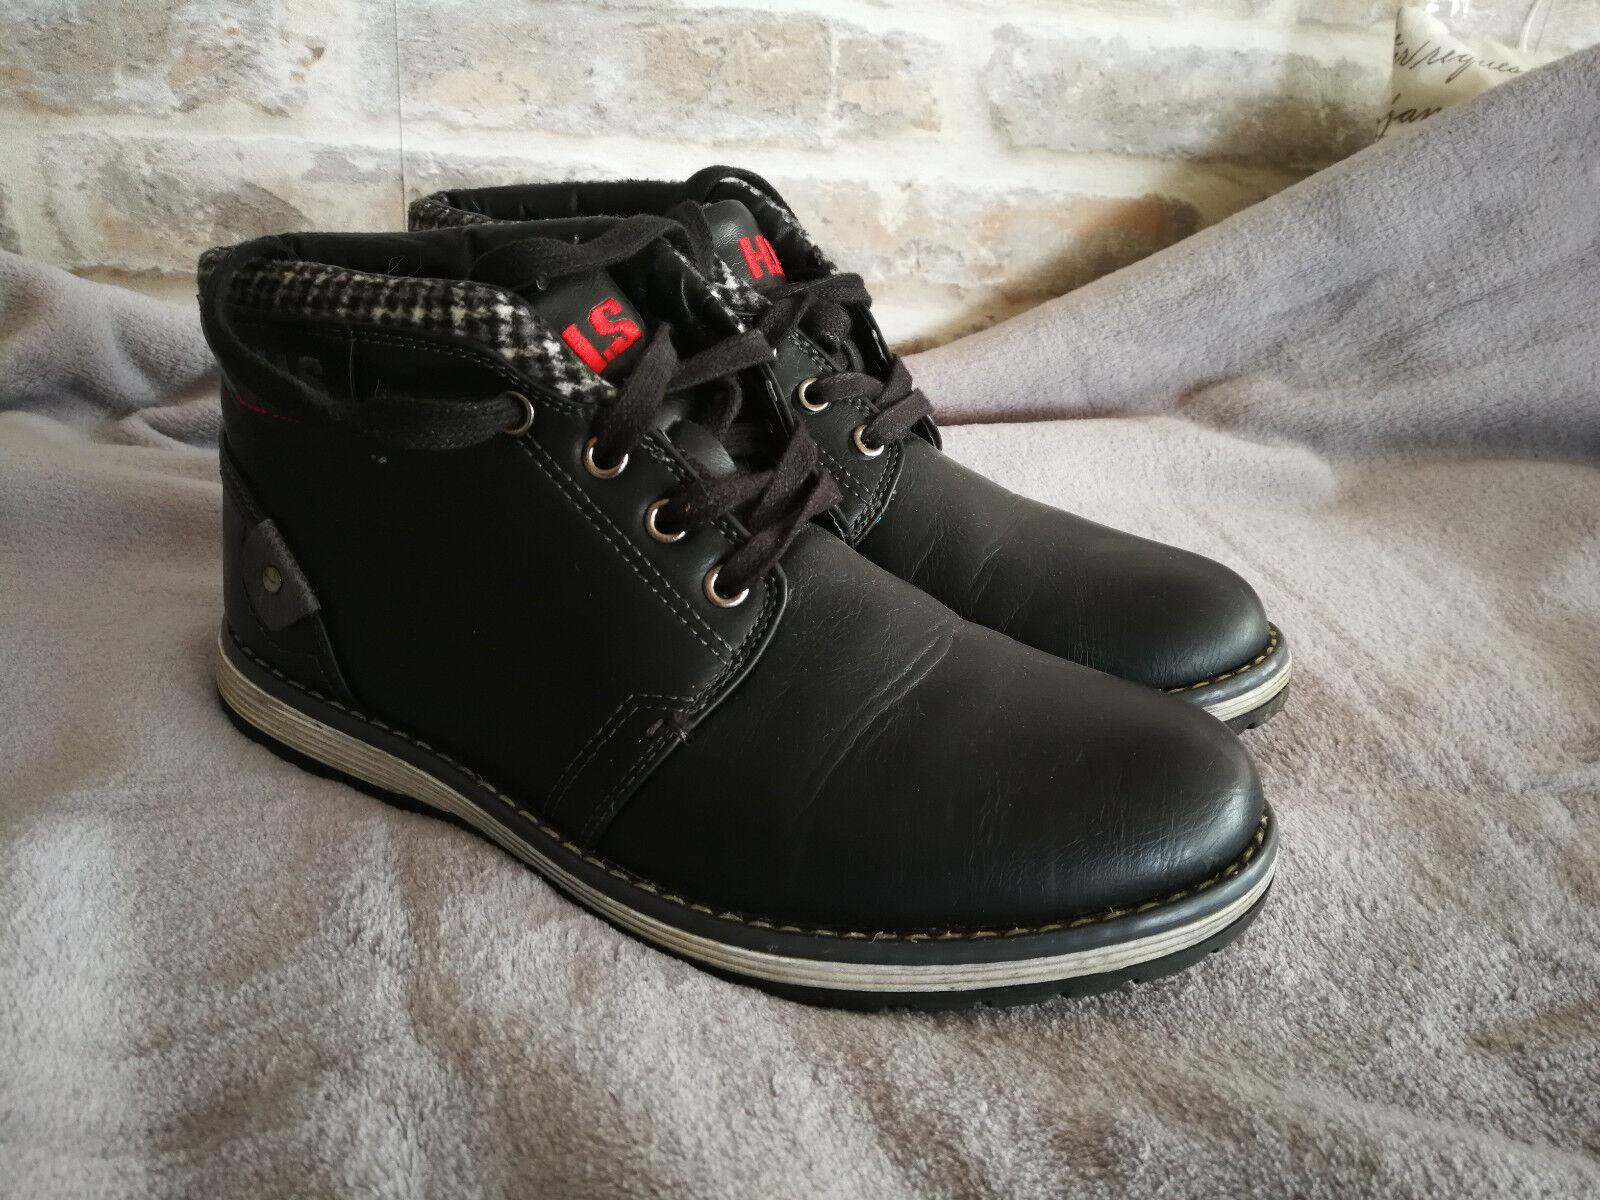 H.I.S Schuhe schwarz, leicht gefüttert, schwarz, Schuhe Herrenschuhe 87eff6